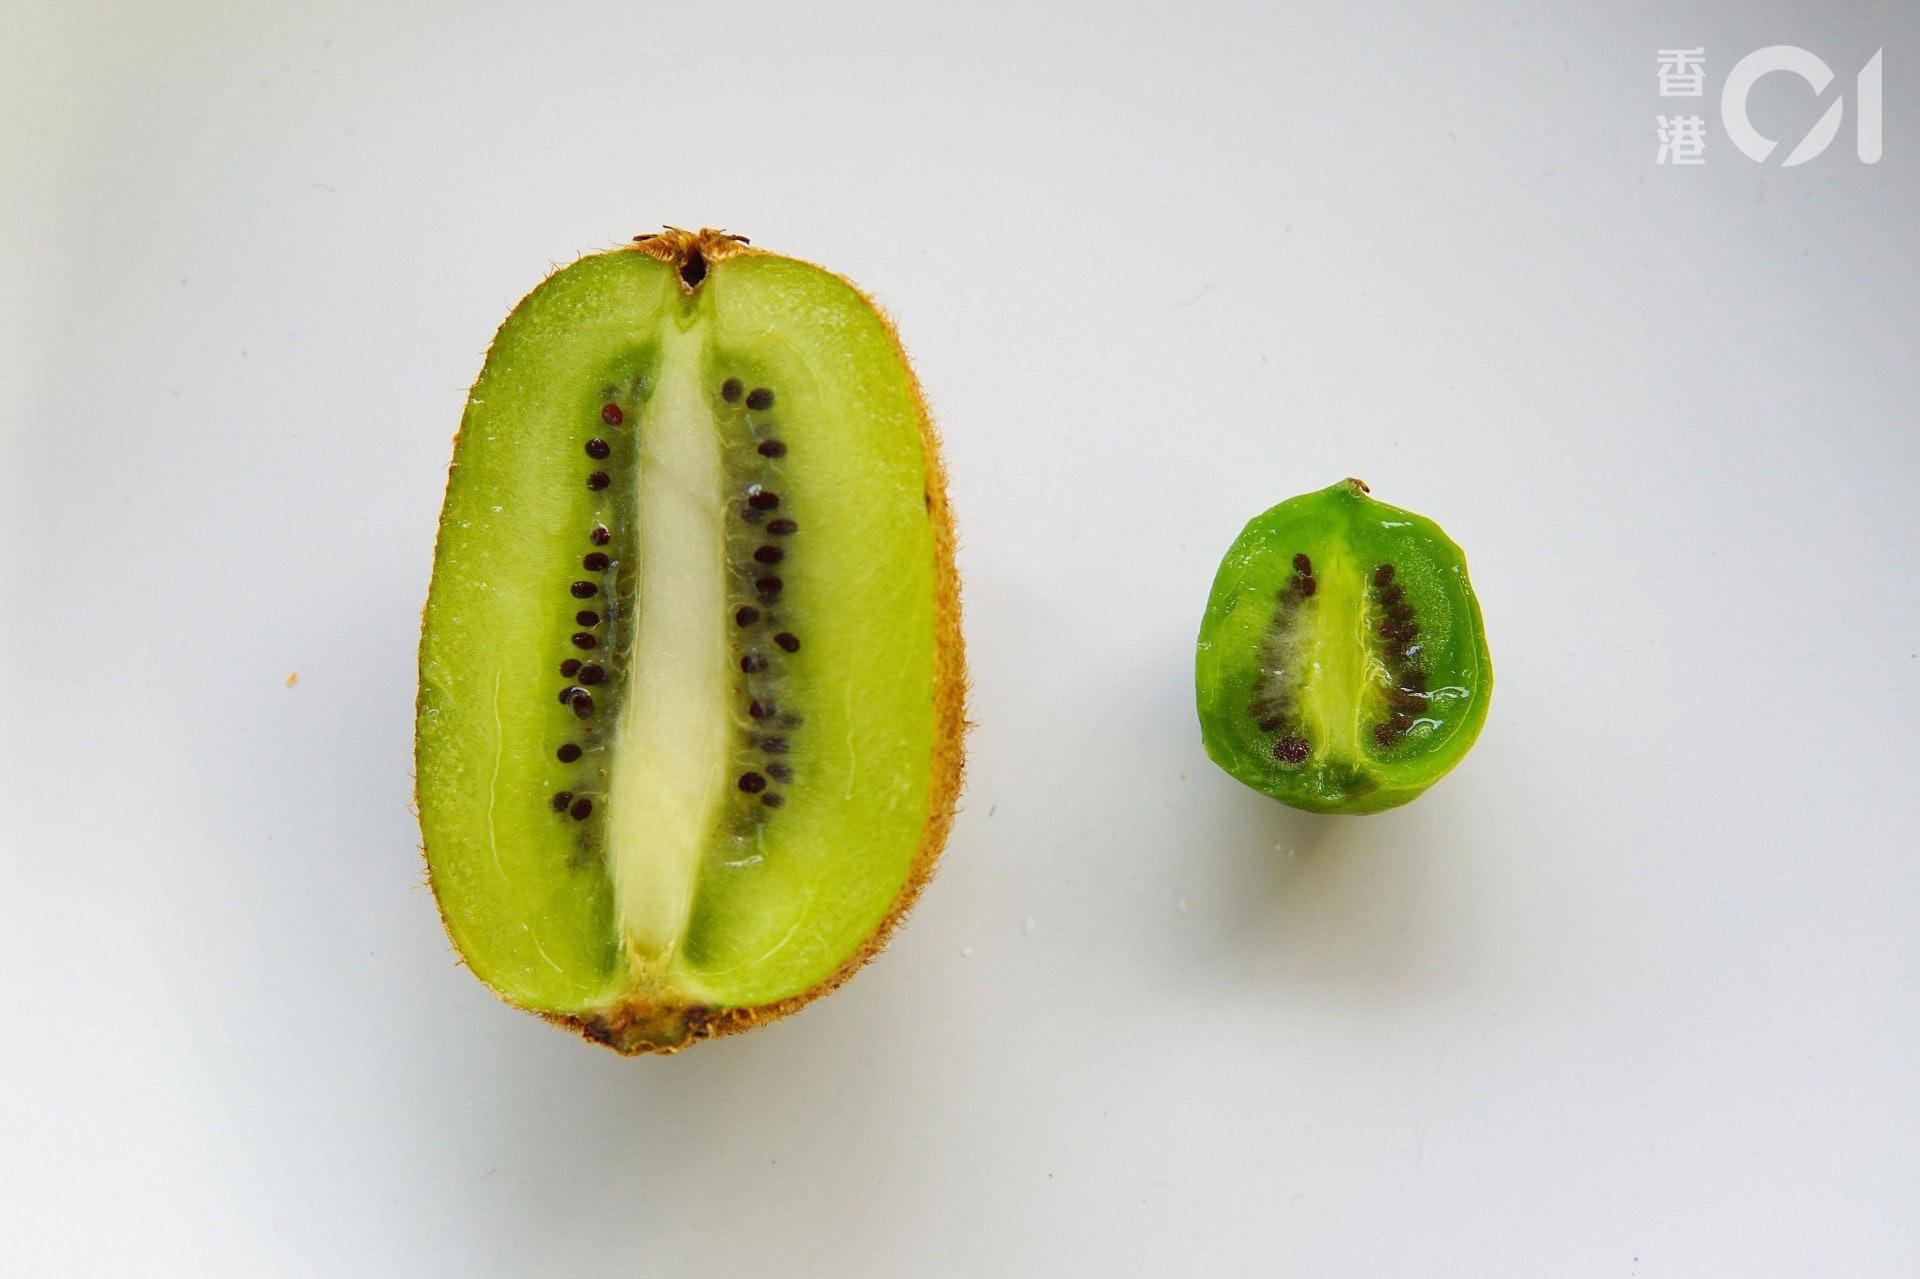 切開兩種水果後發覺內裡非常相似,都是綠色果肉和黑色的可食用果籽,奇異莓吃起來較腍和清甜,今次吃到的一點也不酸。